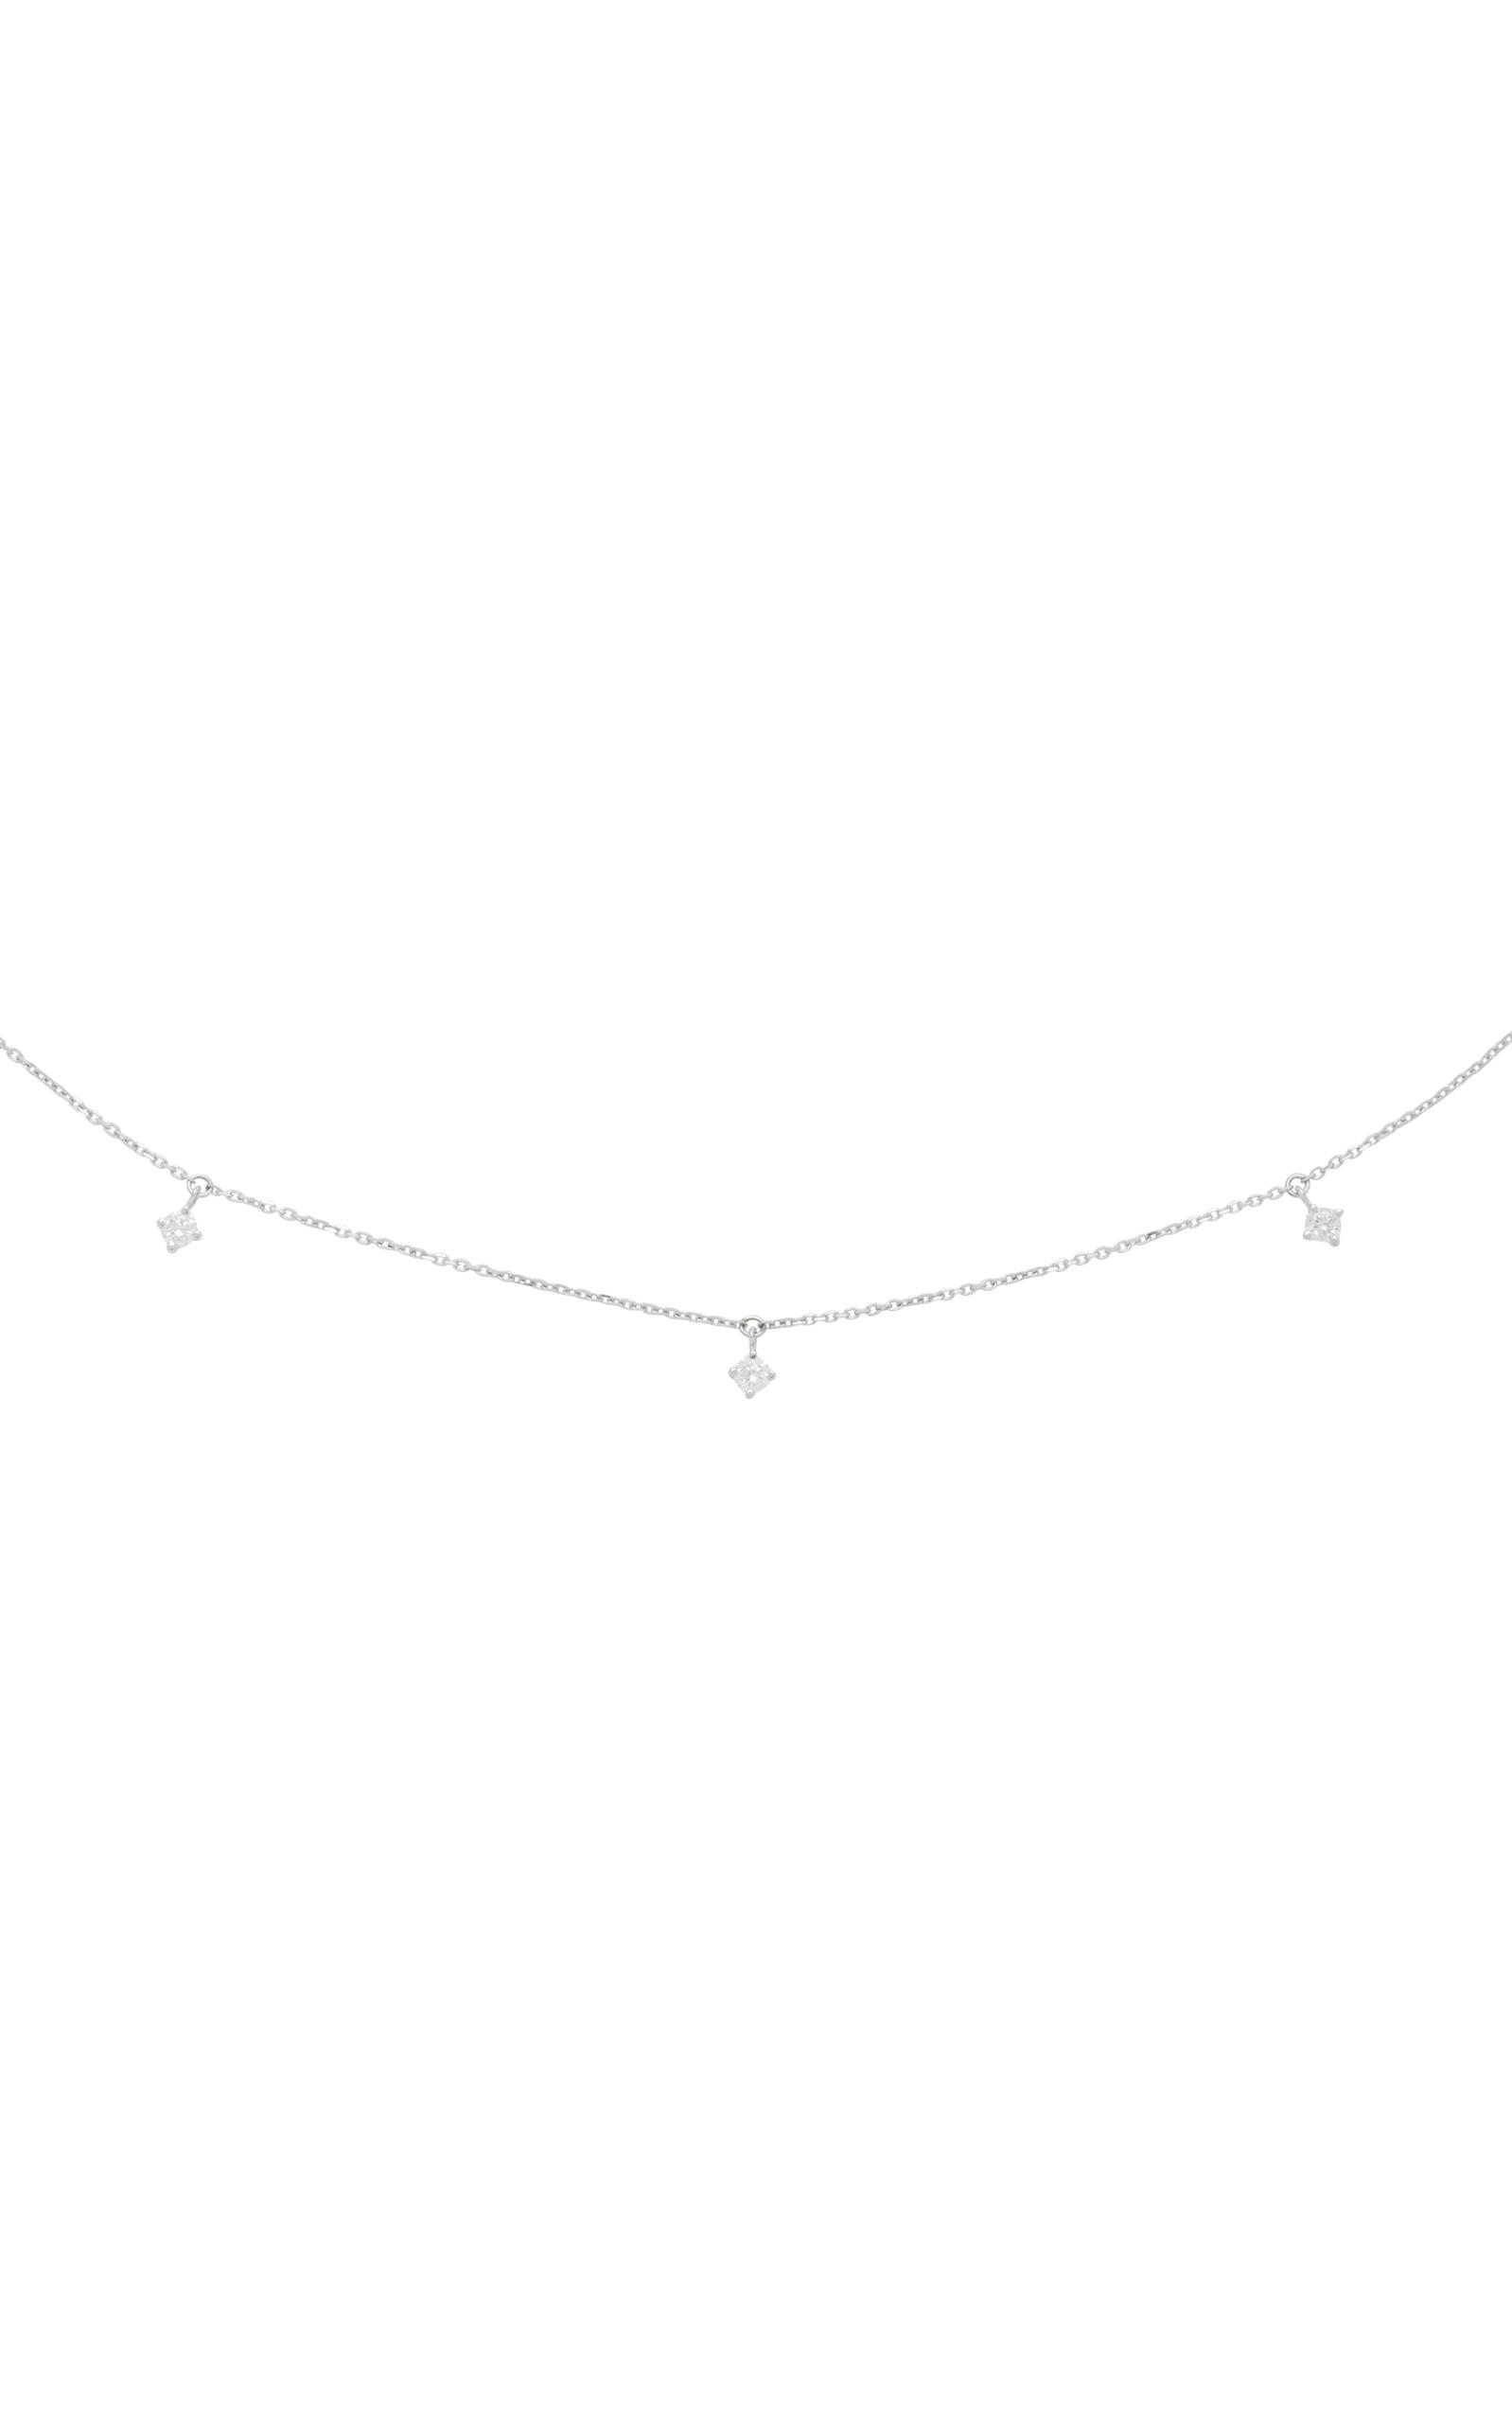 MO Exclusive One 18K White Gold Diamond Necklace Vanrycke VmKEhlxAw